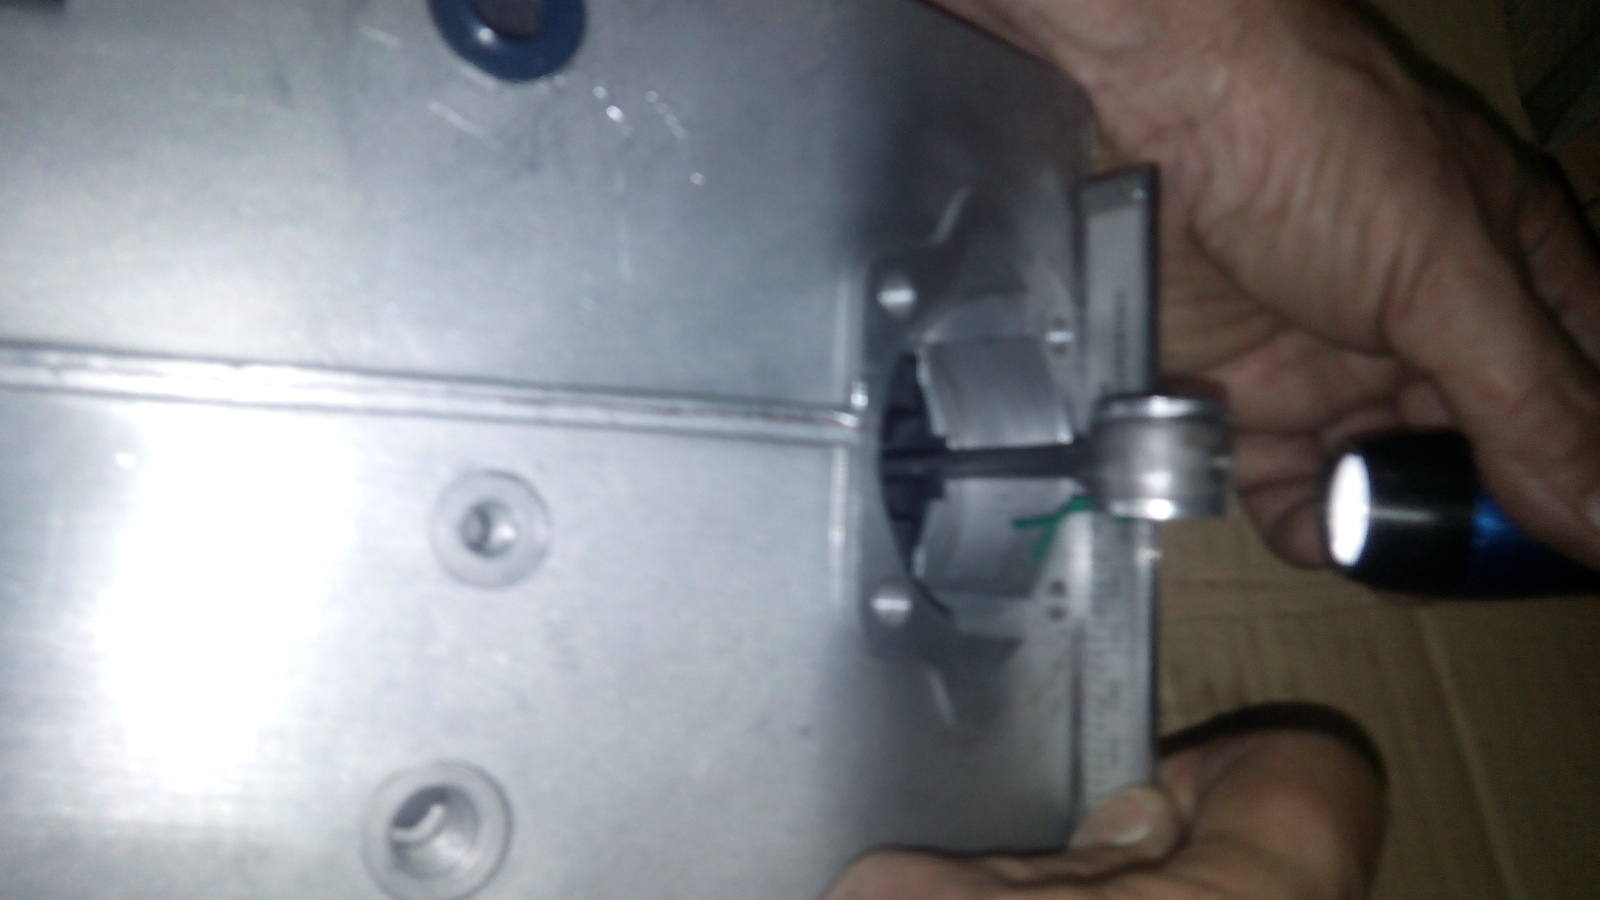 encendido - Mejoras en motores P3 P4 RV4 DL P6 K6... - Página 6 Ztvhxz